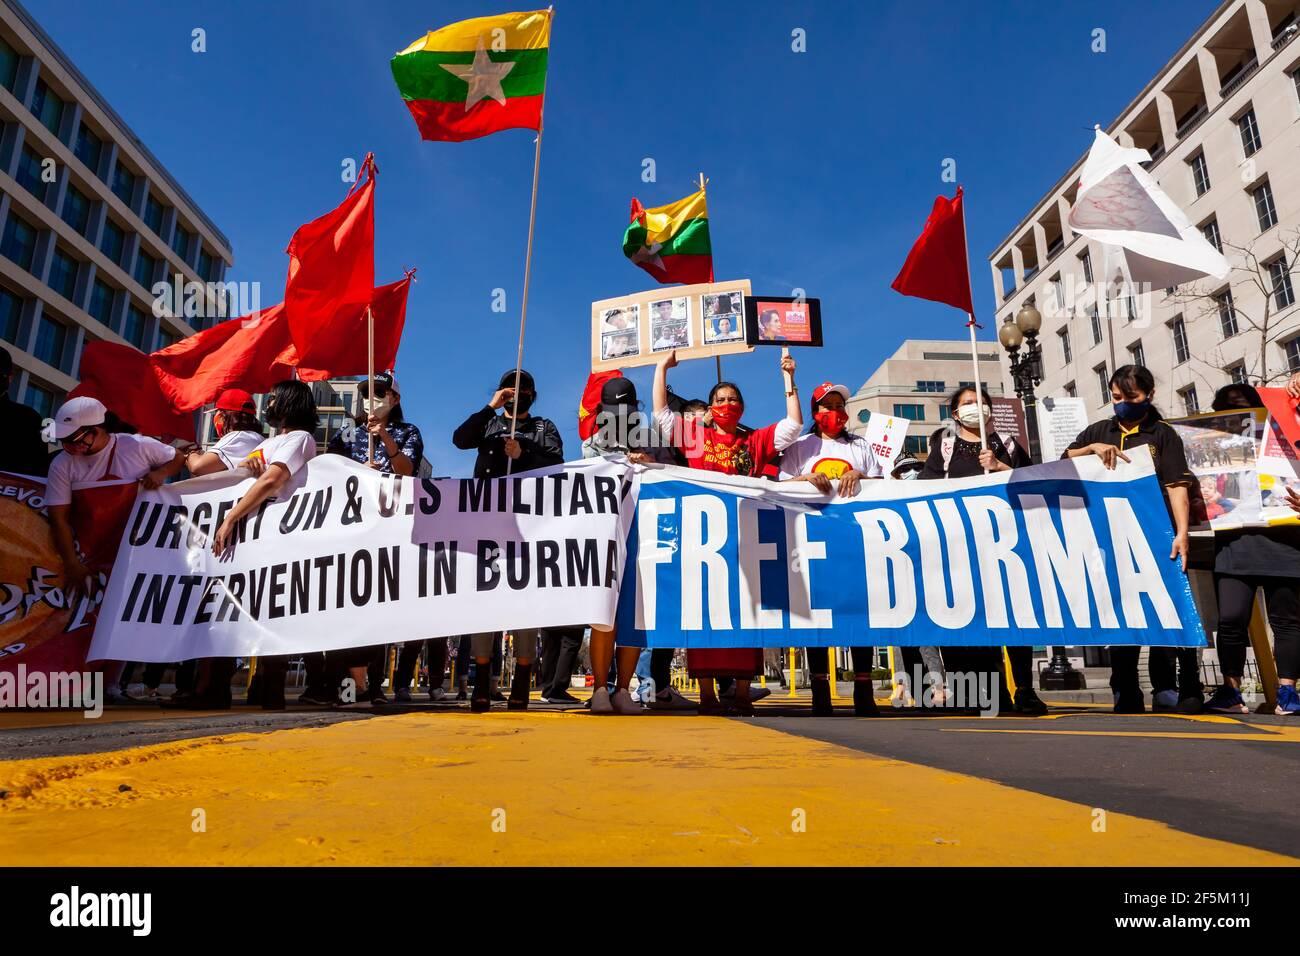 Washington, DC, Etats-Unis, 26 mars 2021. Photo : les gens de Black Lives Matter Plaza se sont rassemblés pour protester contre le coup d'État militaire au Myanmar et exiger des États-Unis qu'ils agissent pour restaurer le gouvernement démocratiquement élu. Crédit : Allison C Bailey/Alay Live News Banque D'Images